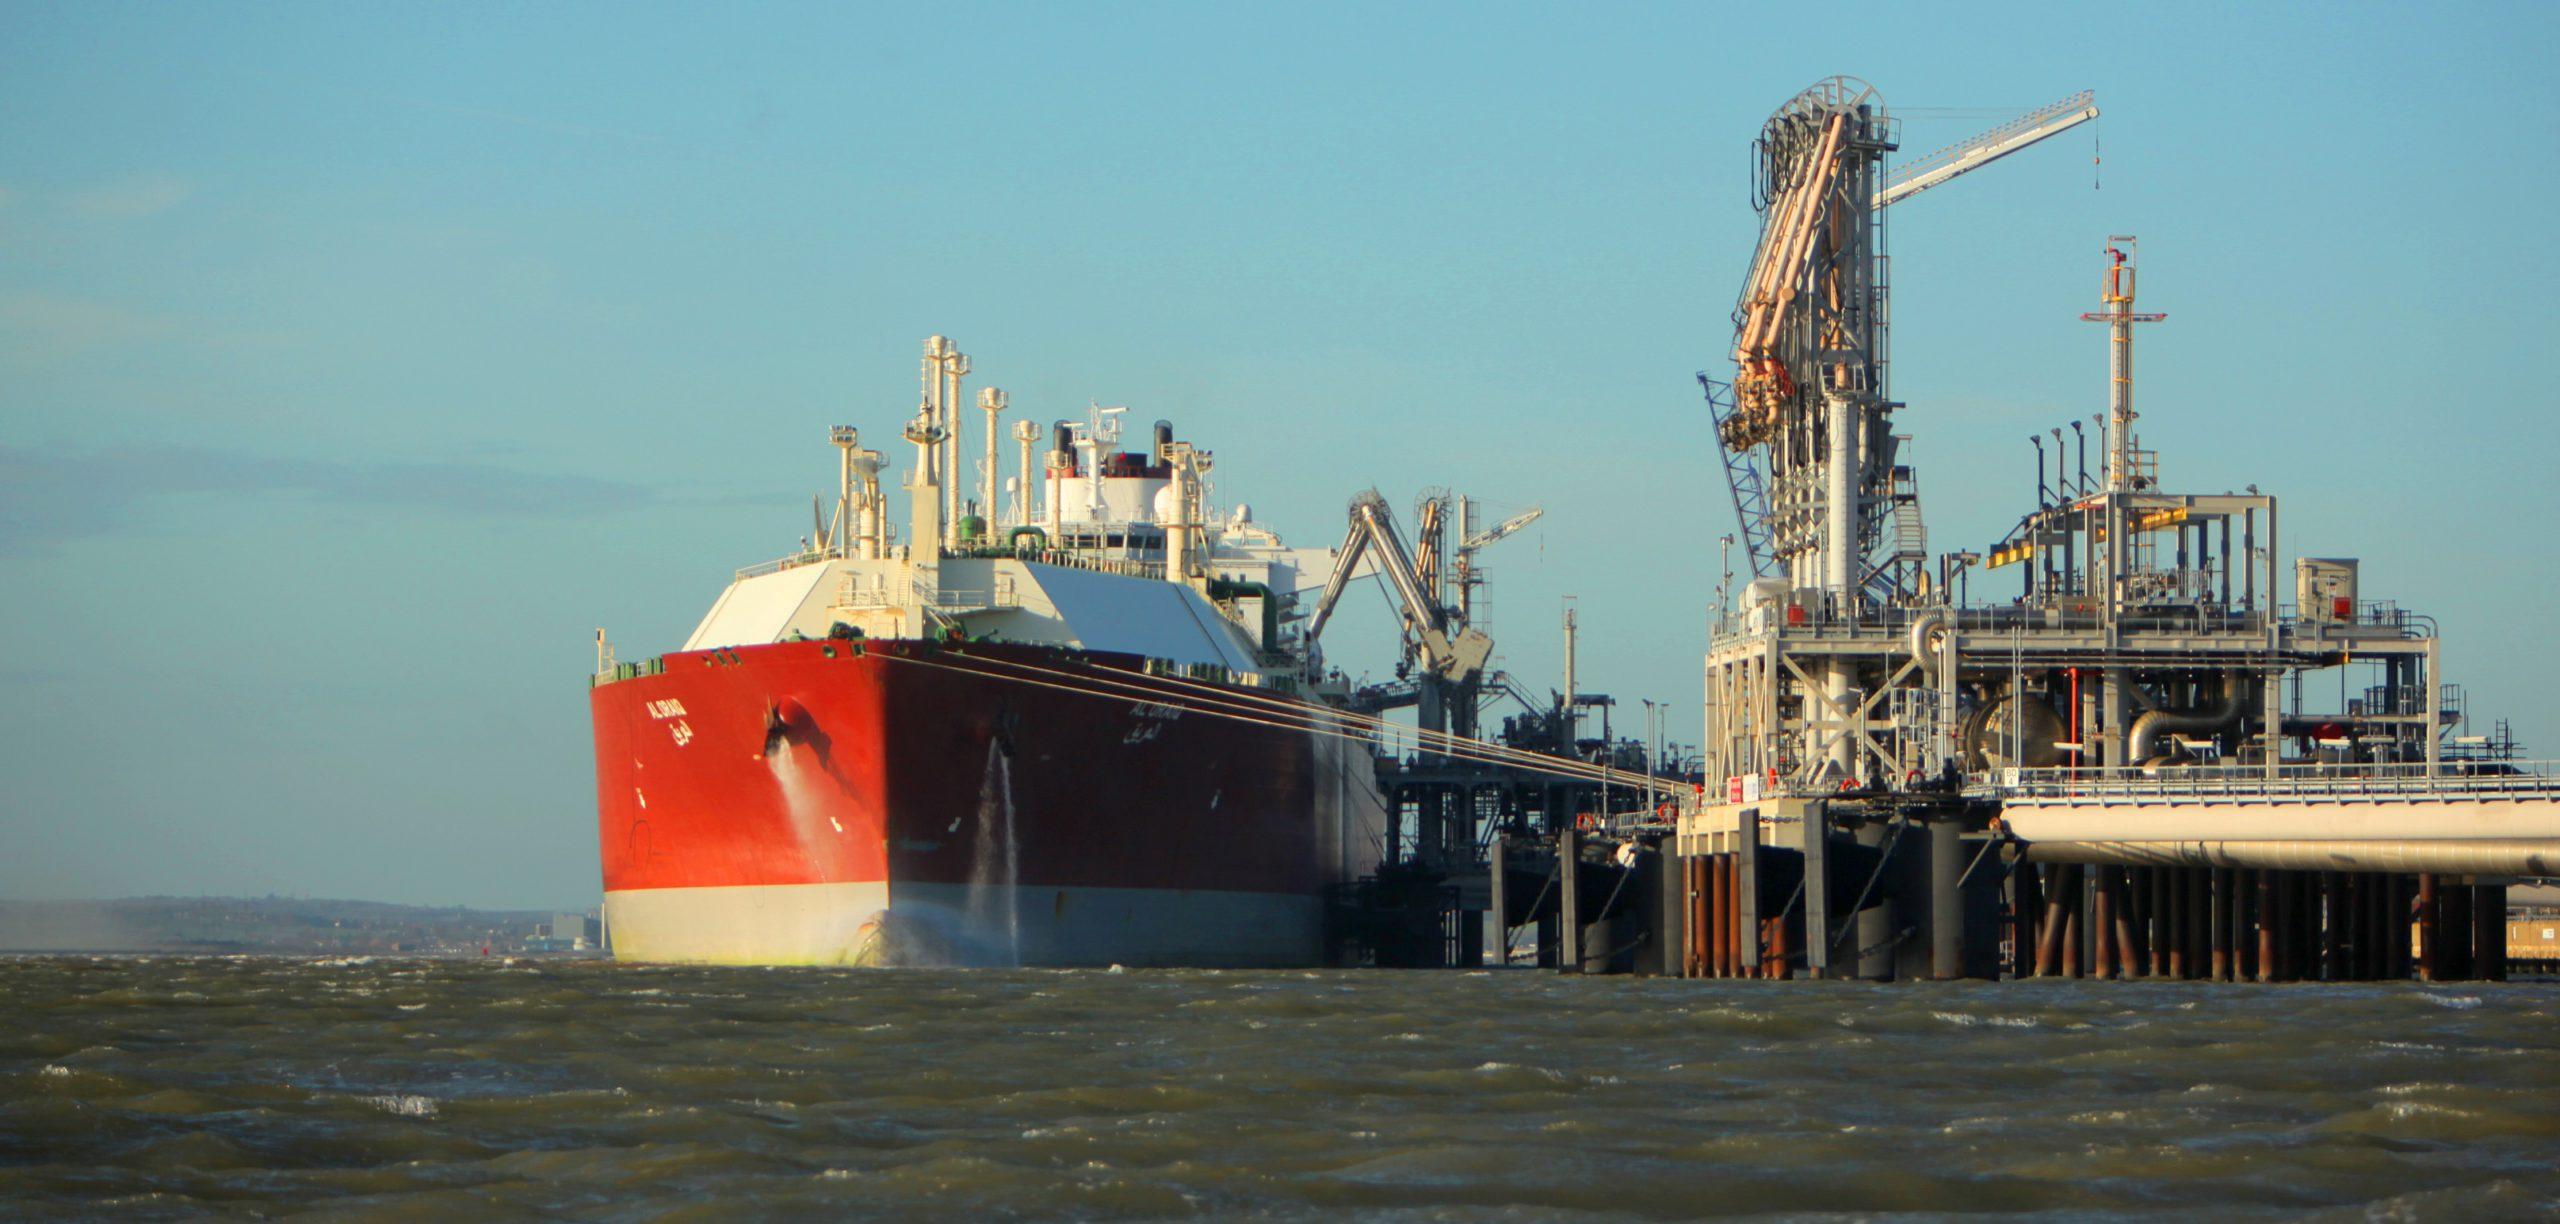 Large vessel at dock